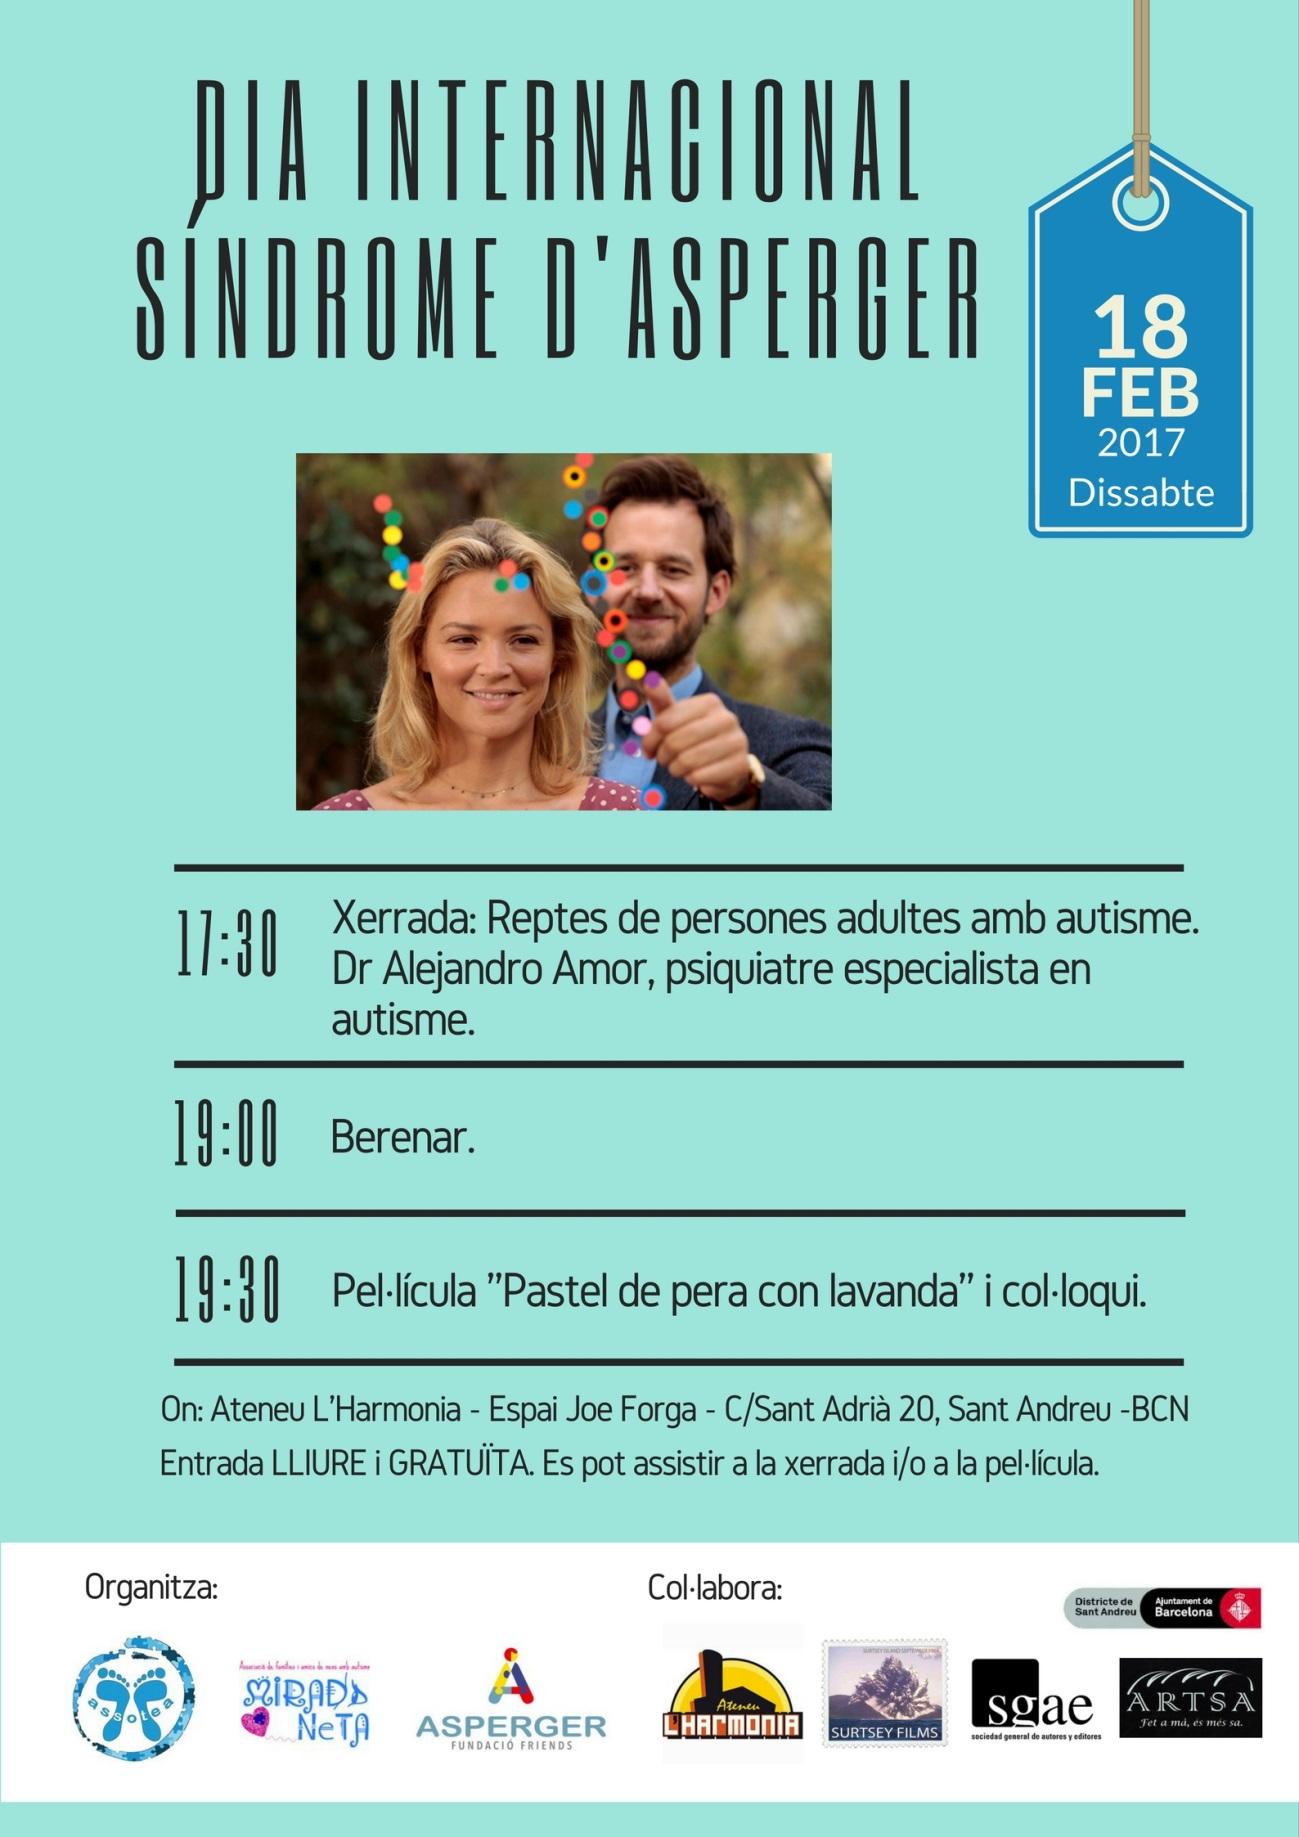 El 18 de febrer Dia Internacional de la Síndrome d'Asperger